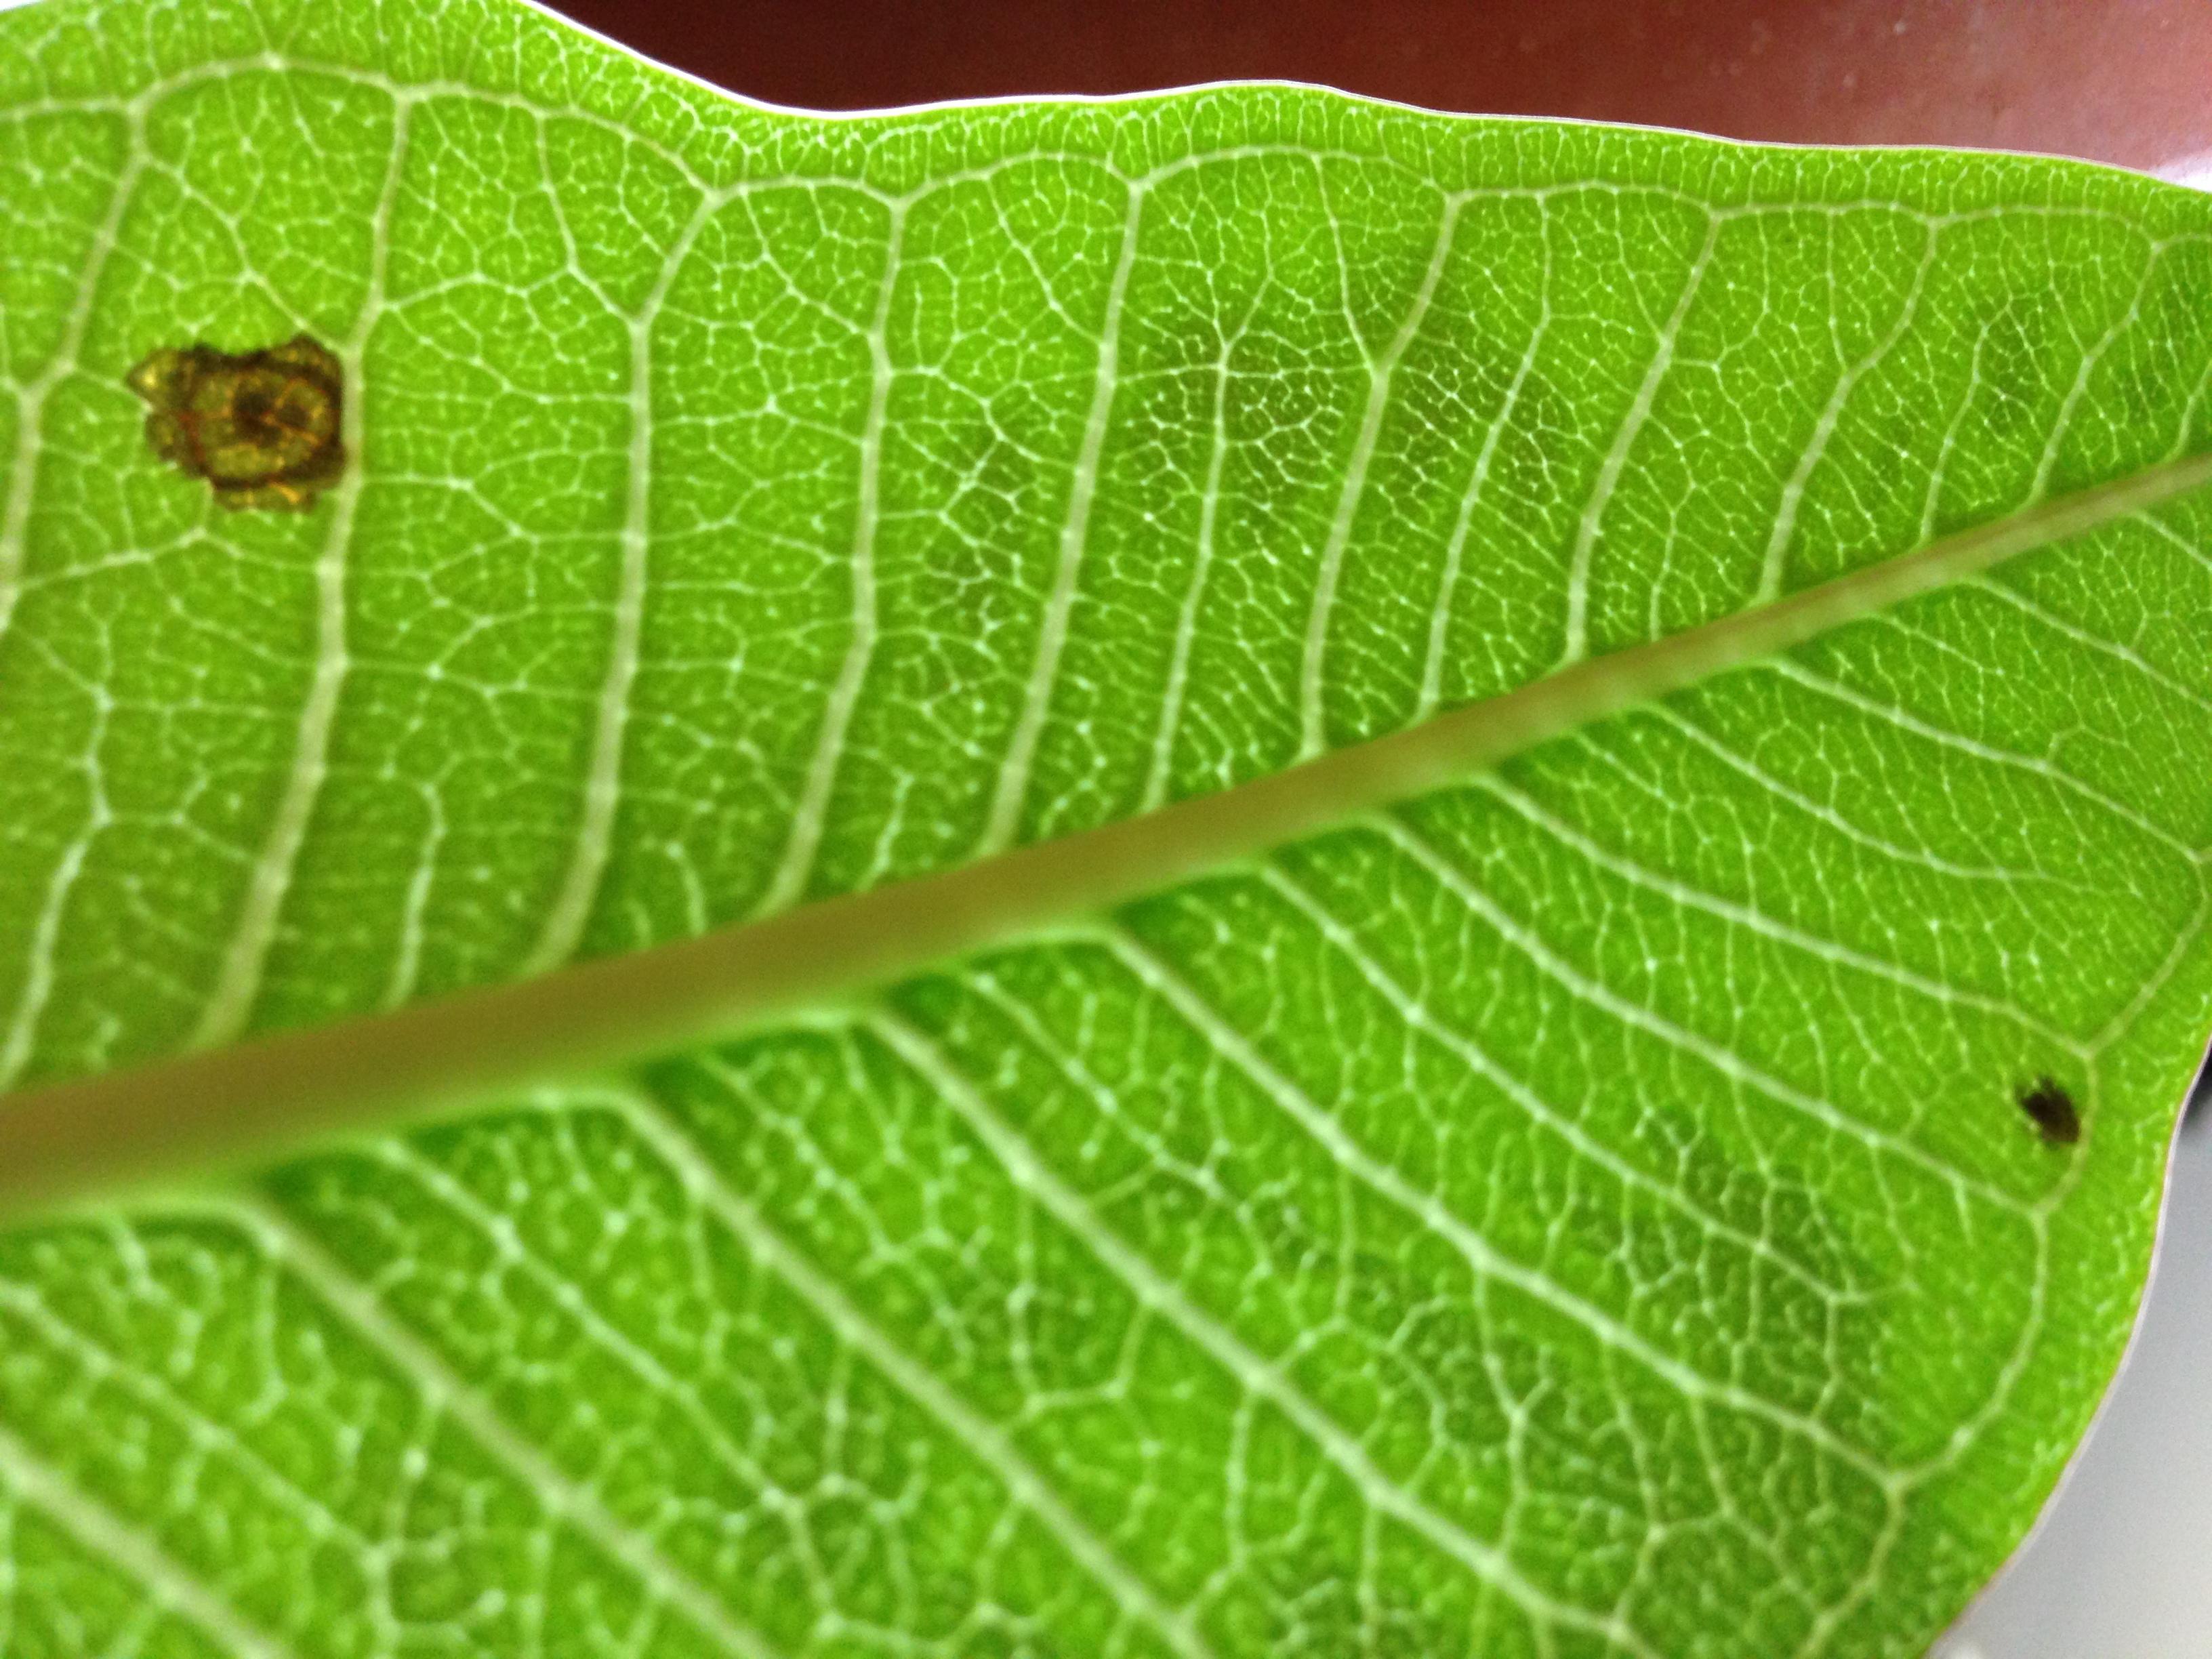 plumeria bekommt braune punkte und bl tter verf rben sich pflanzenkrankheiten sch dlinge. Black Bedroom Furniture Sets. Home Design Ideas